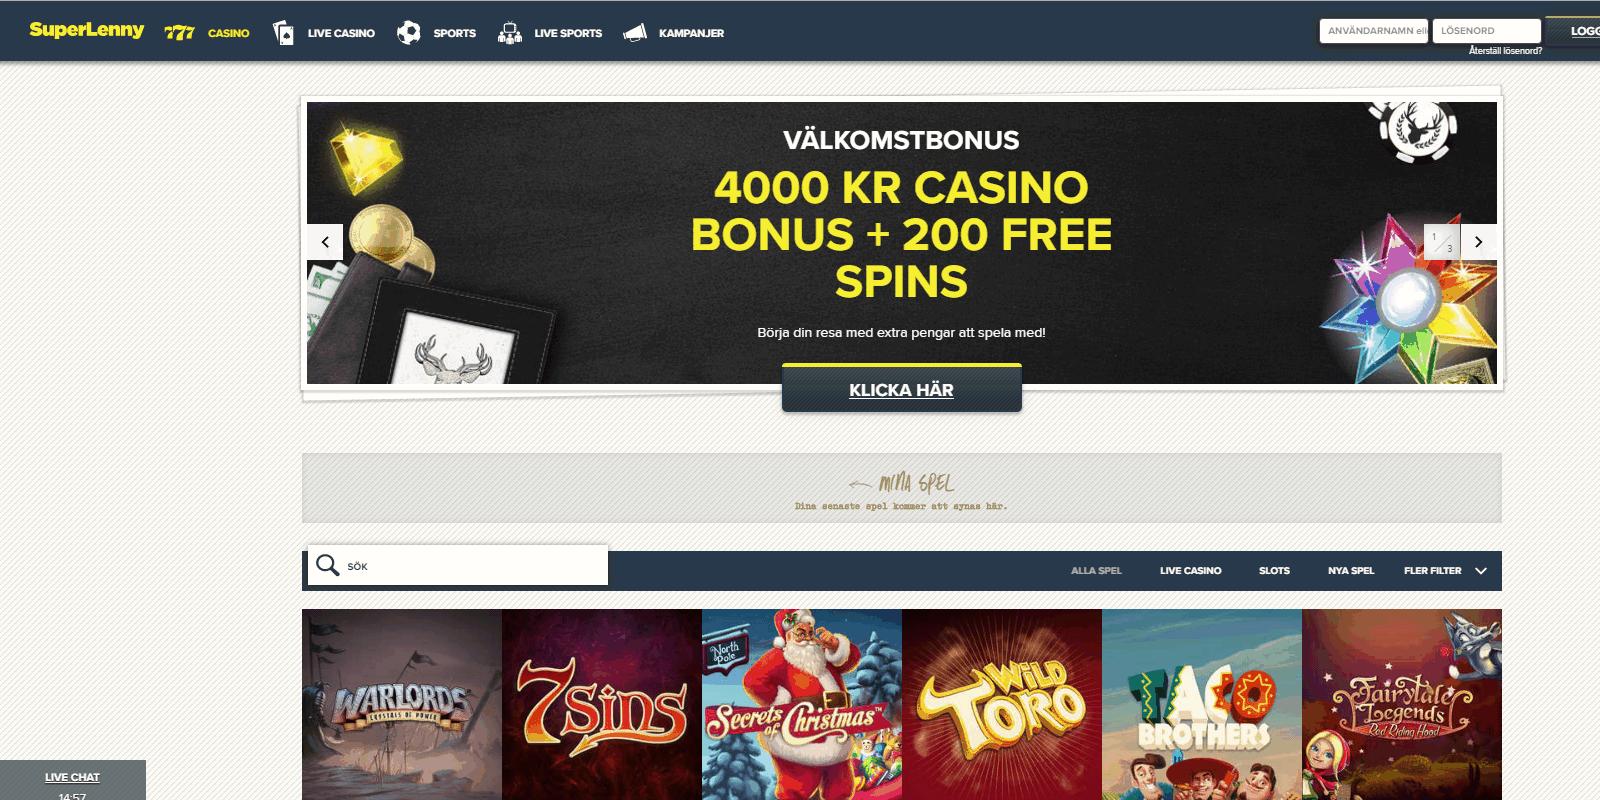 Mr Green casino bonusar - 1000 kr i bonus + 200 free spins!